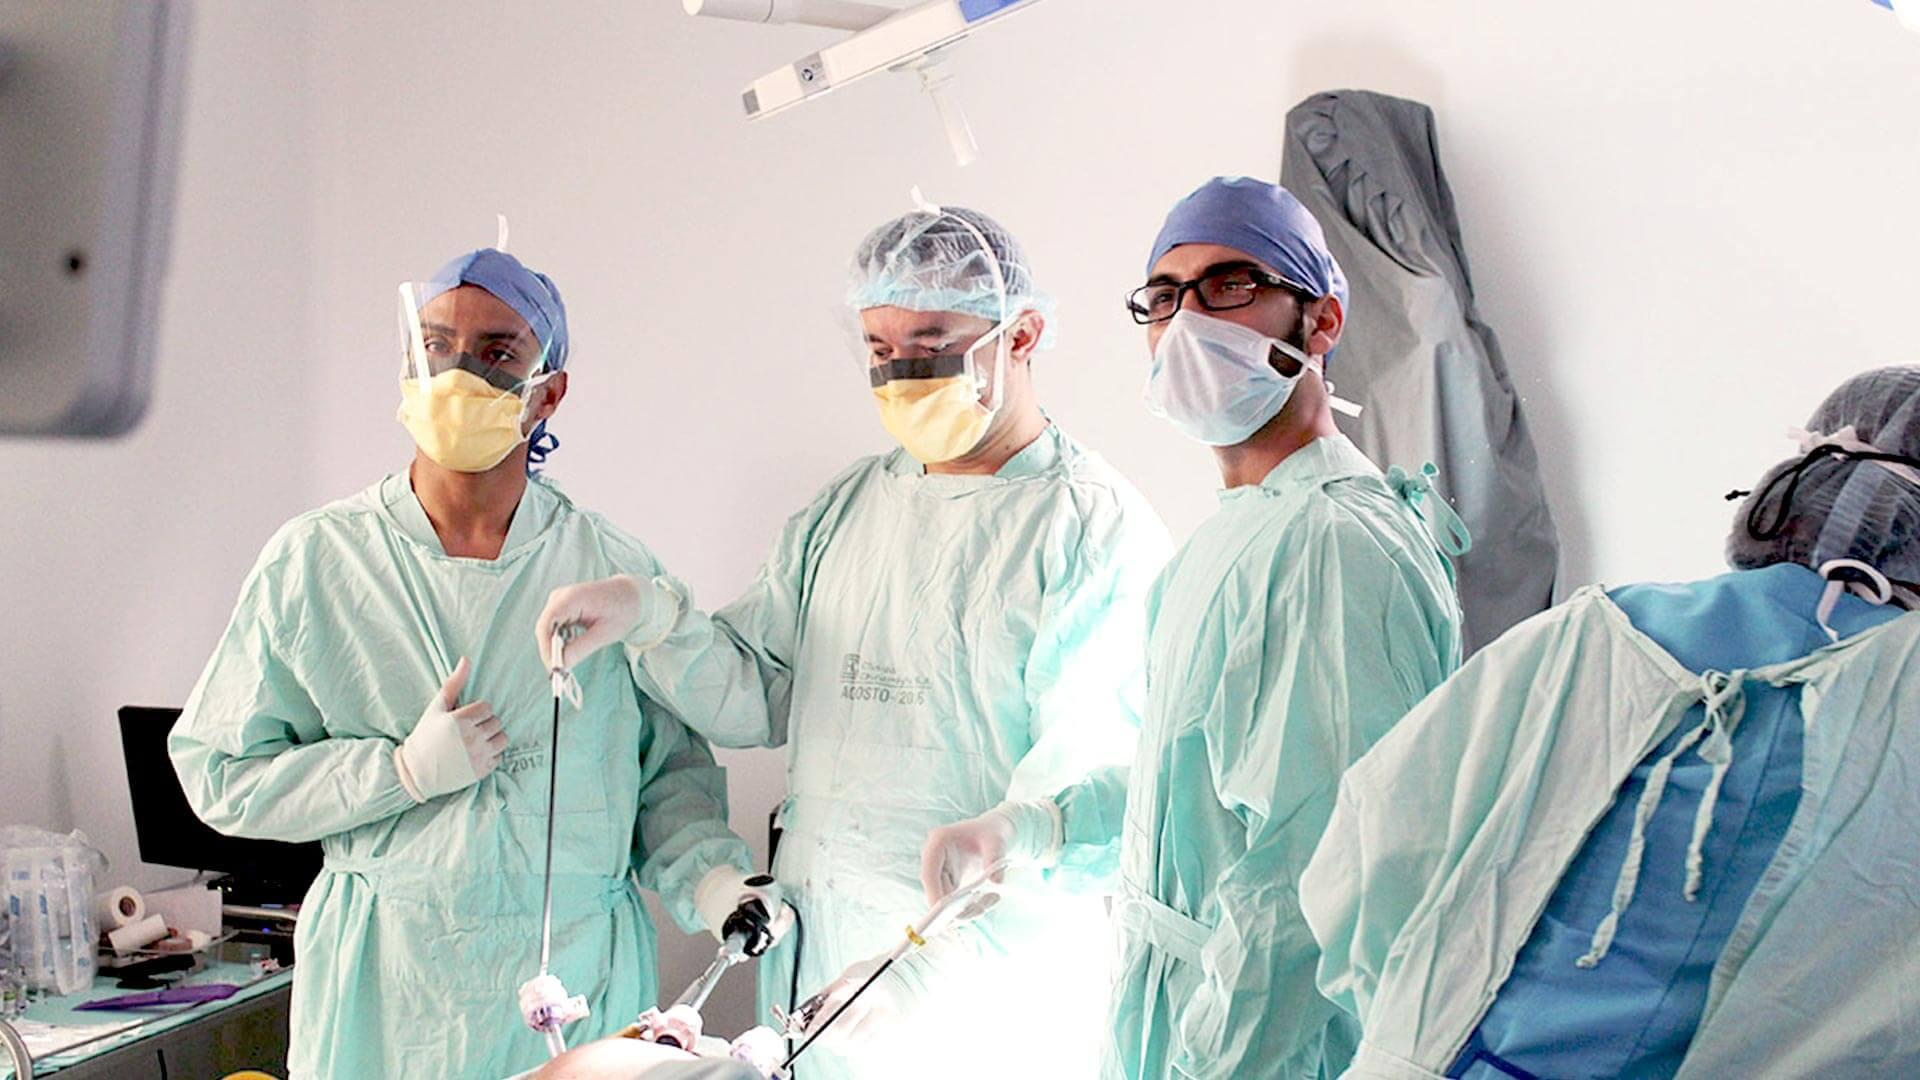 cirugía laparoscópica jose luis gaona uromédica urología especializada